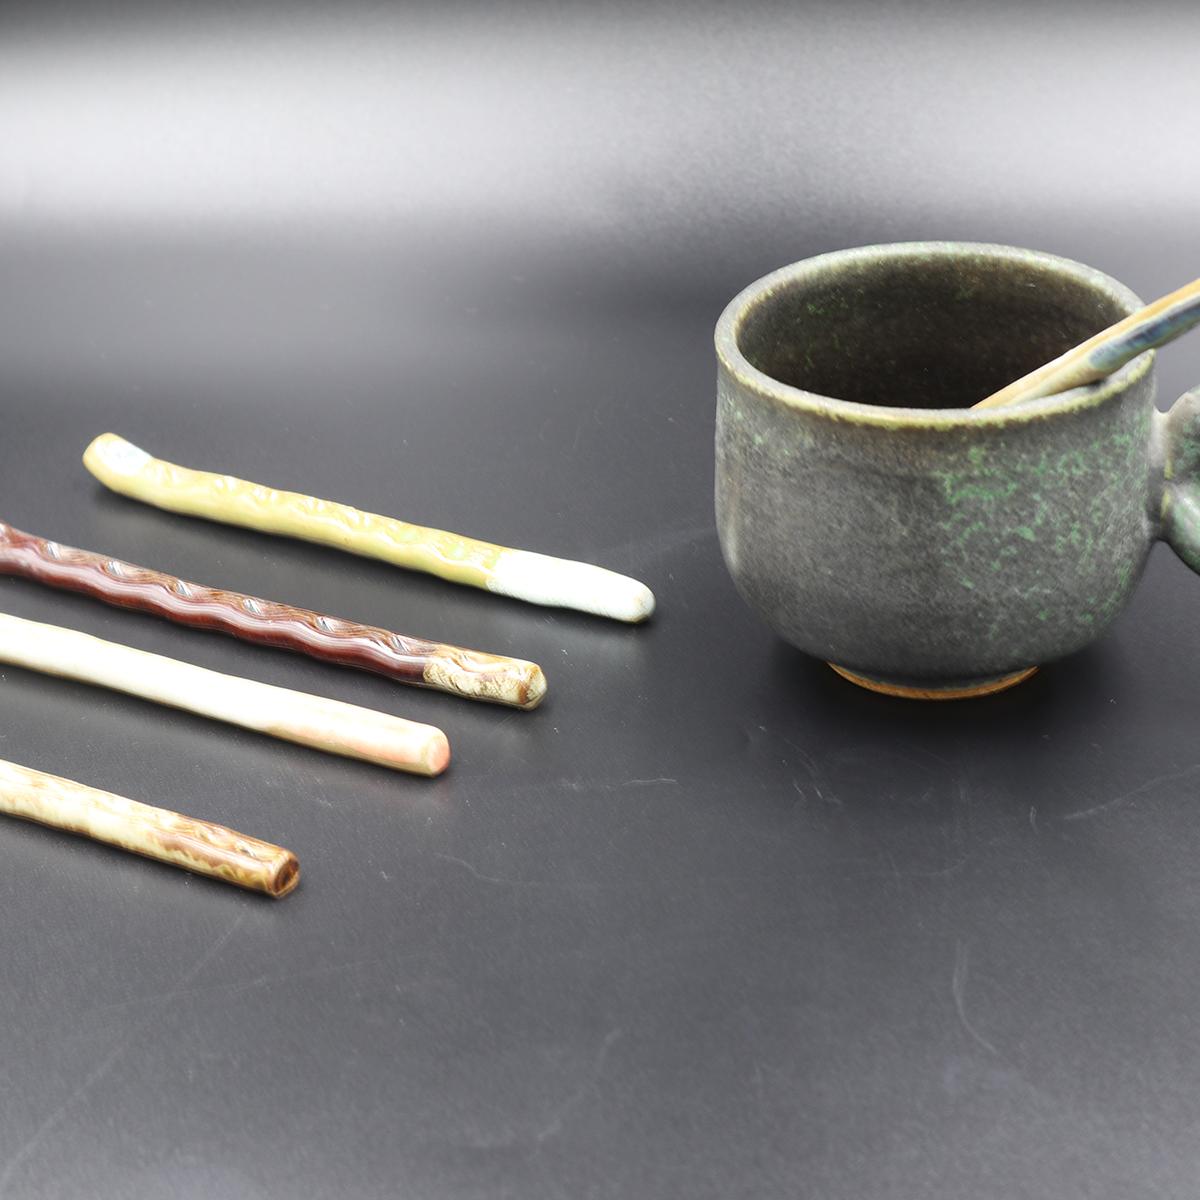 【ふるさと納税】マドラー 陶器 5本 セット 焼火窯